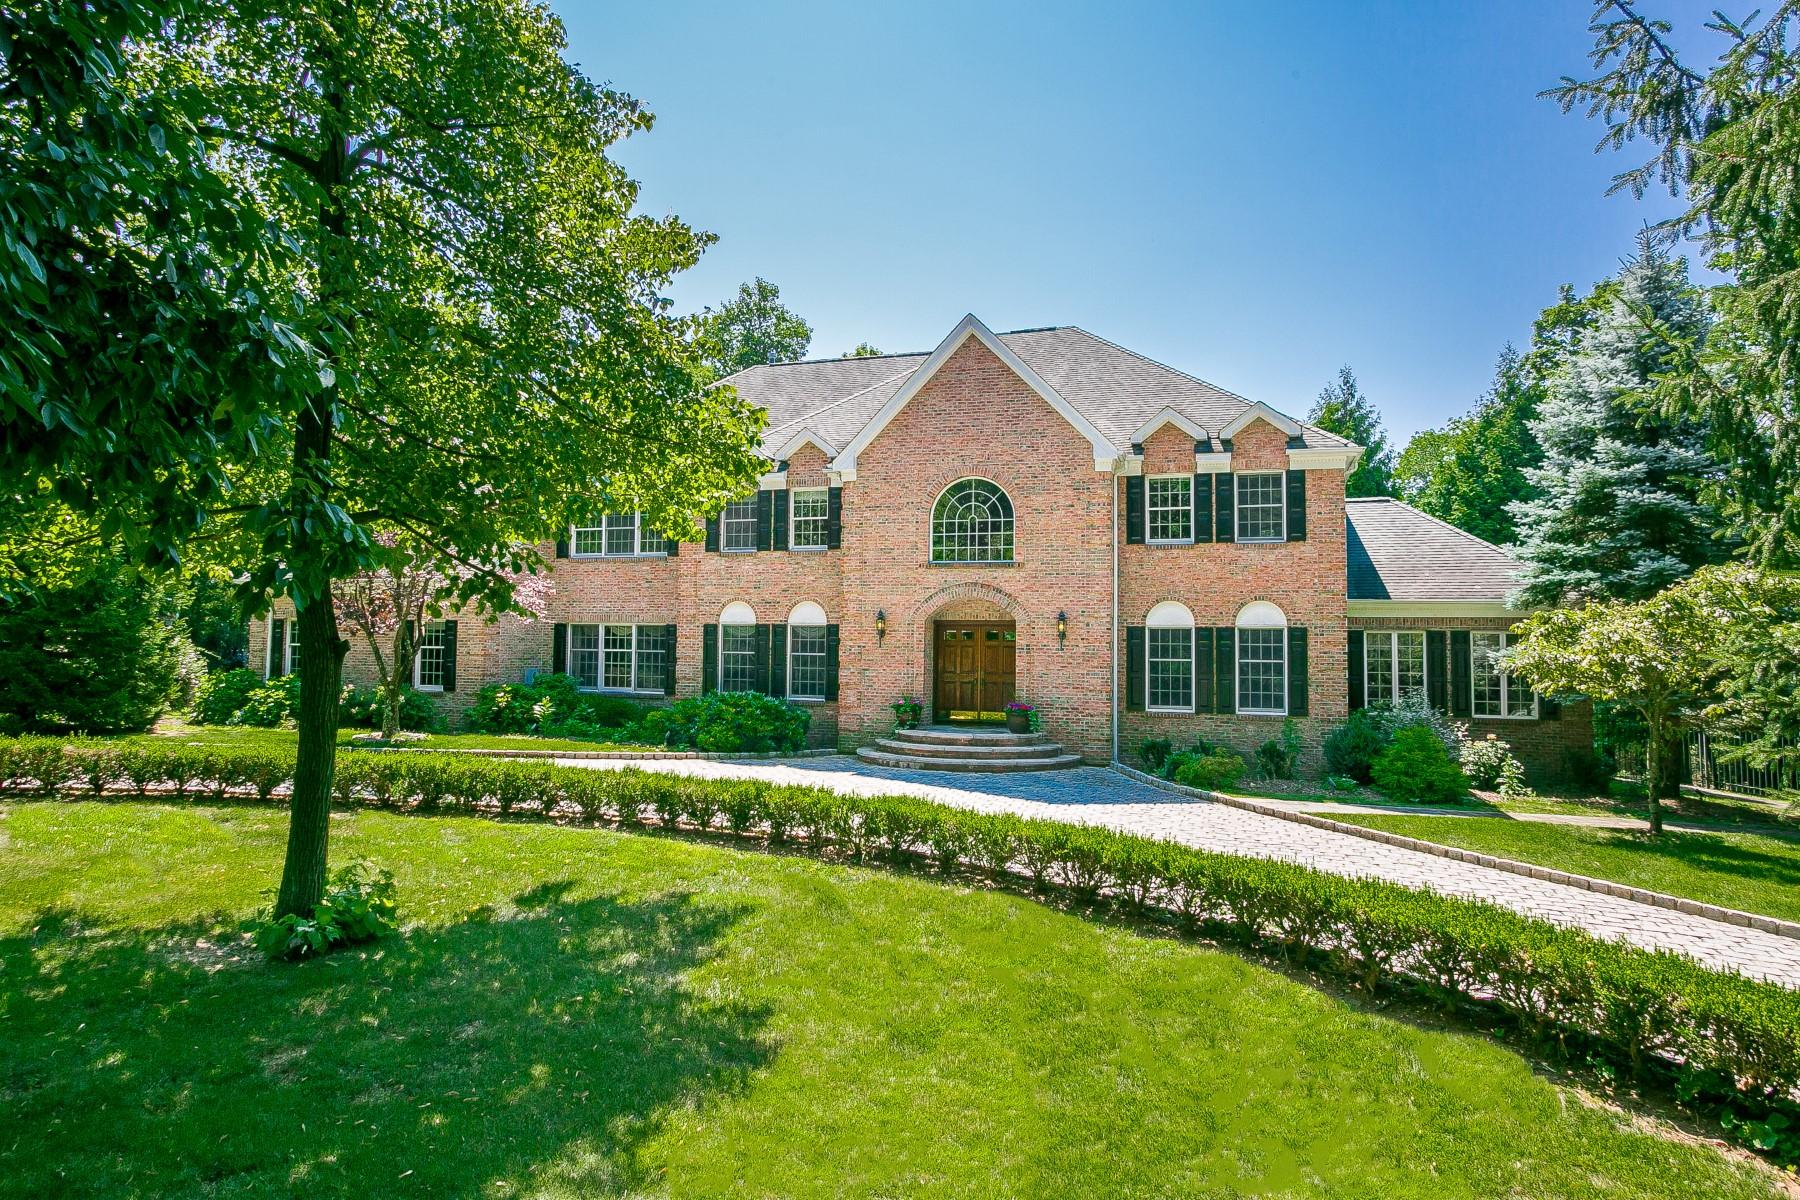 独户住宅 为 销售 在 Desirable Cul-de-sac Location 14 Charlotte Hill Drive 伯纳兹维尔, 新泽西州 07924 美国